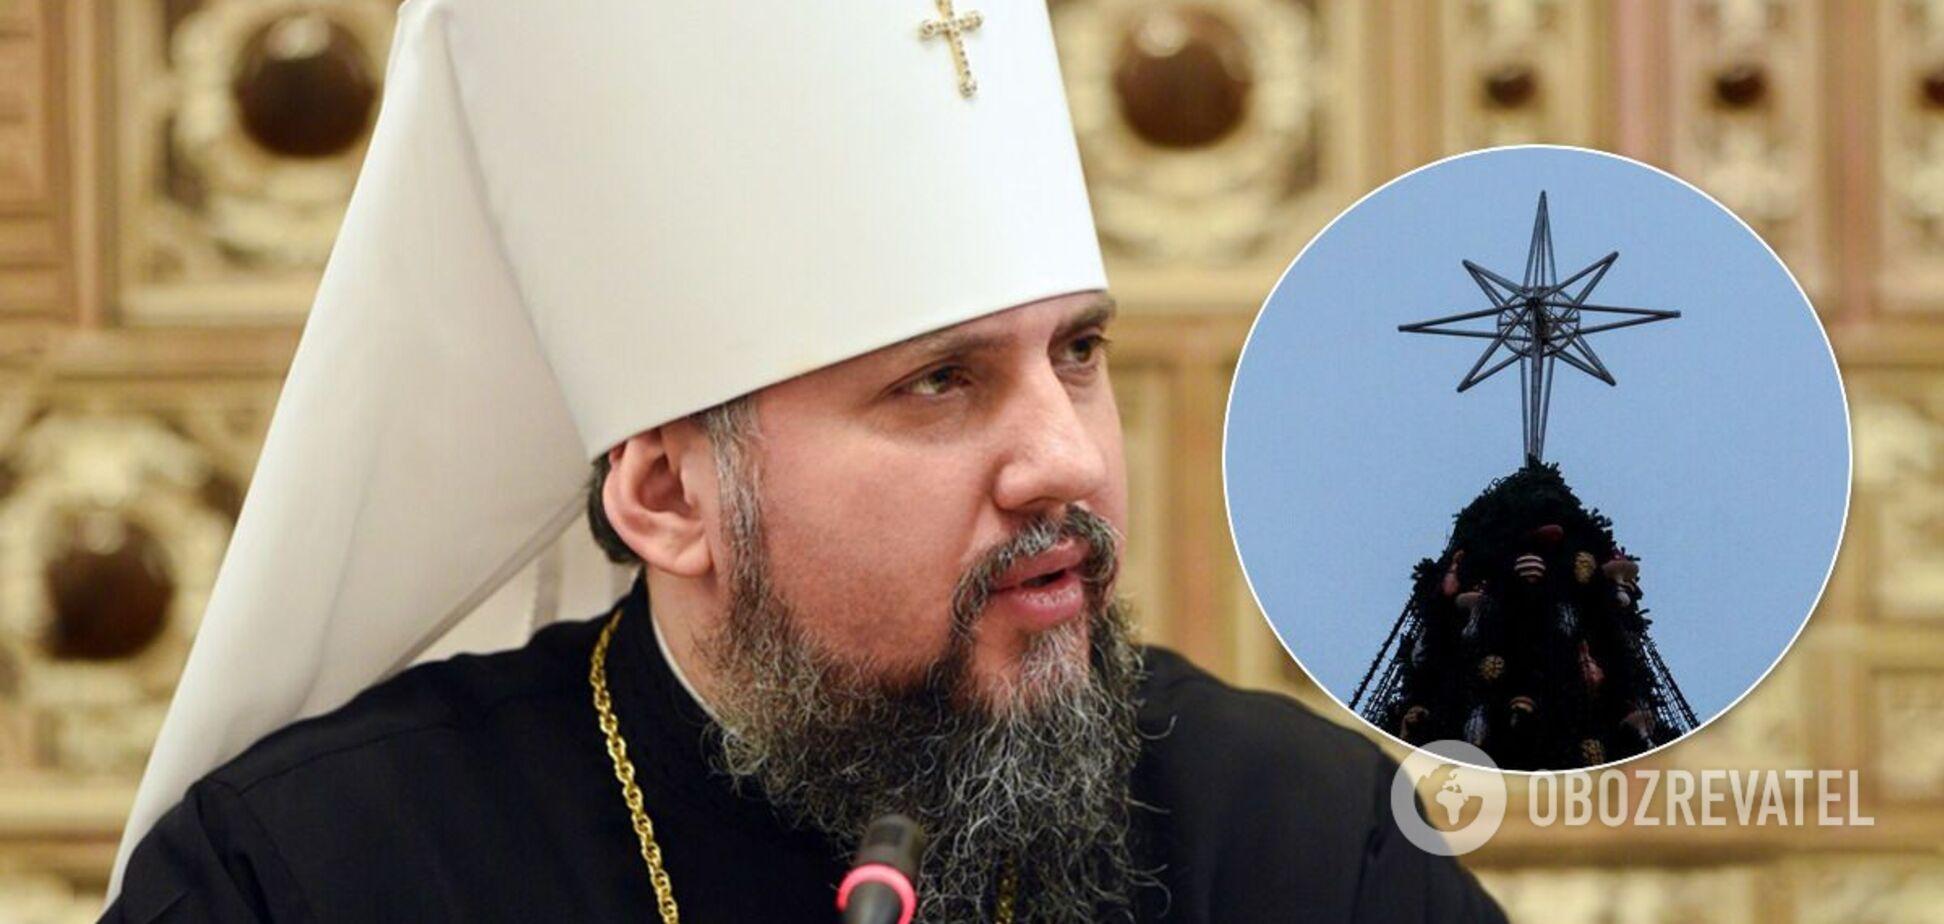 У ПЦУ пояснили, що не так із 'чаклунським' капелюхом на ялинці в Києві